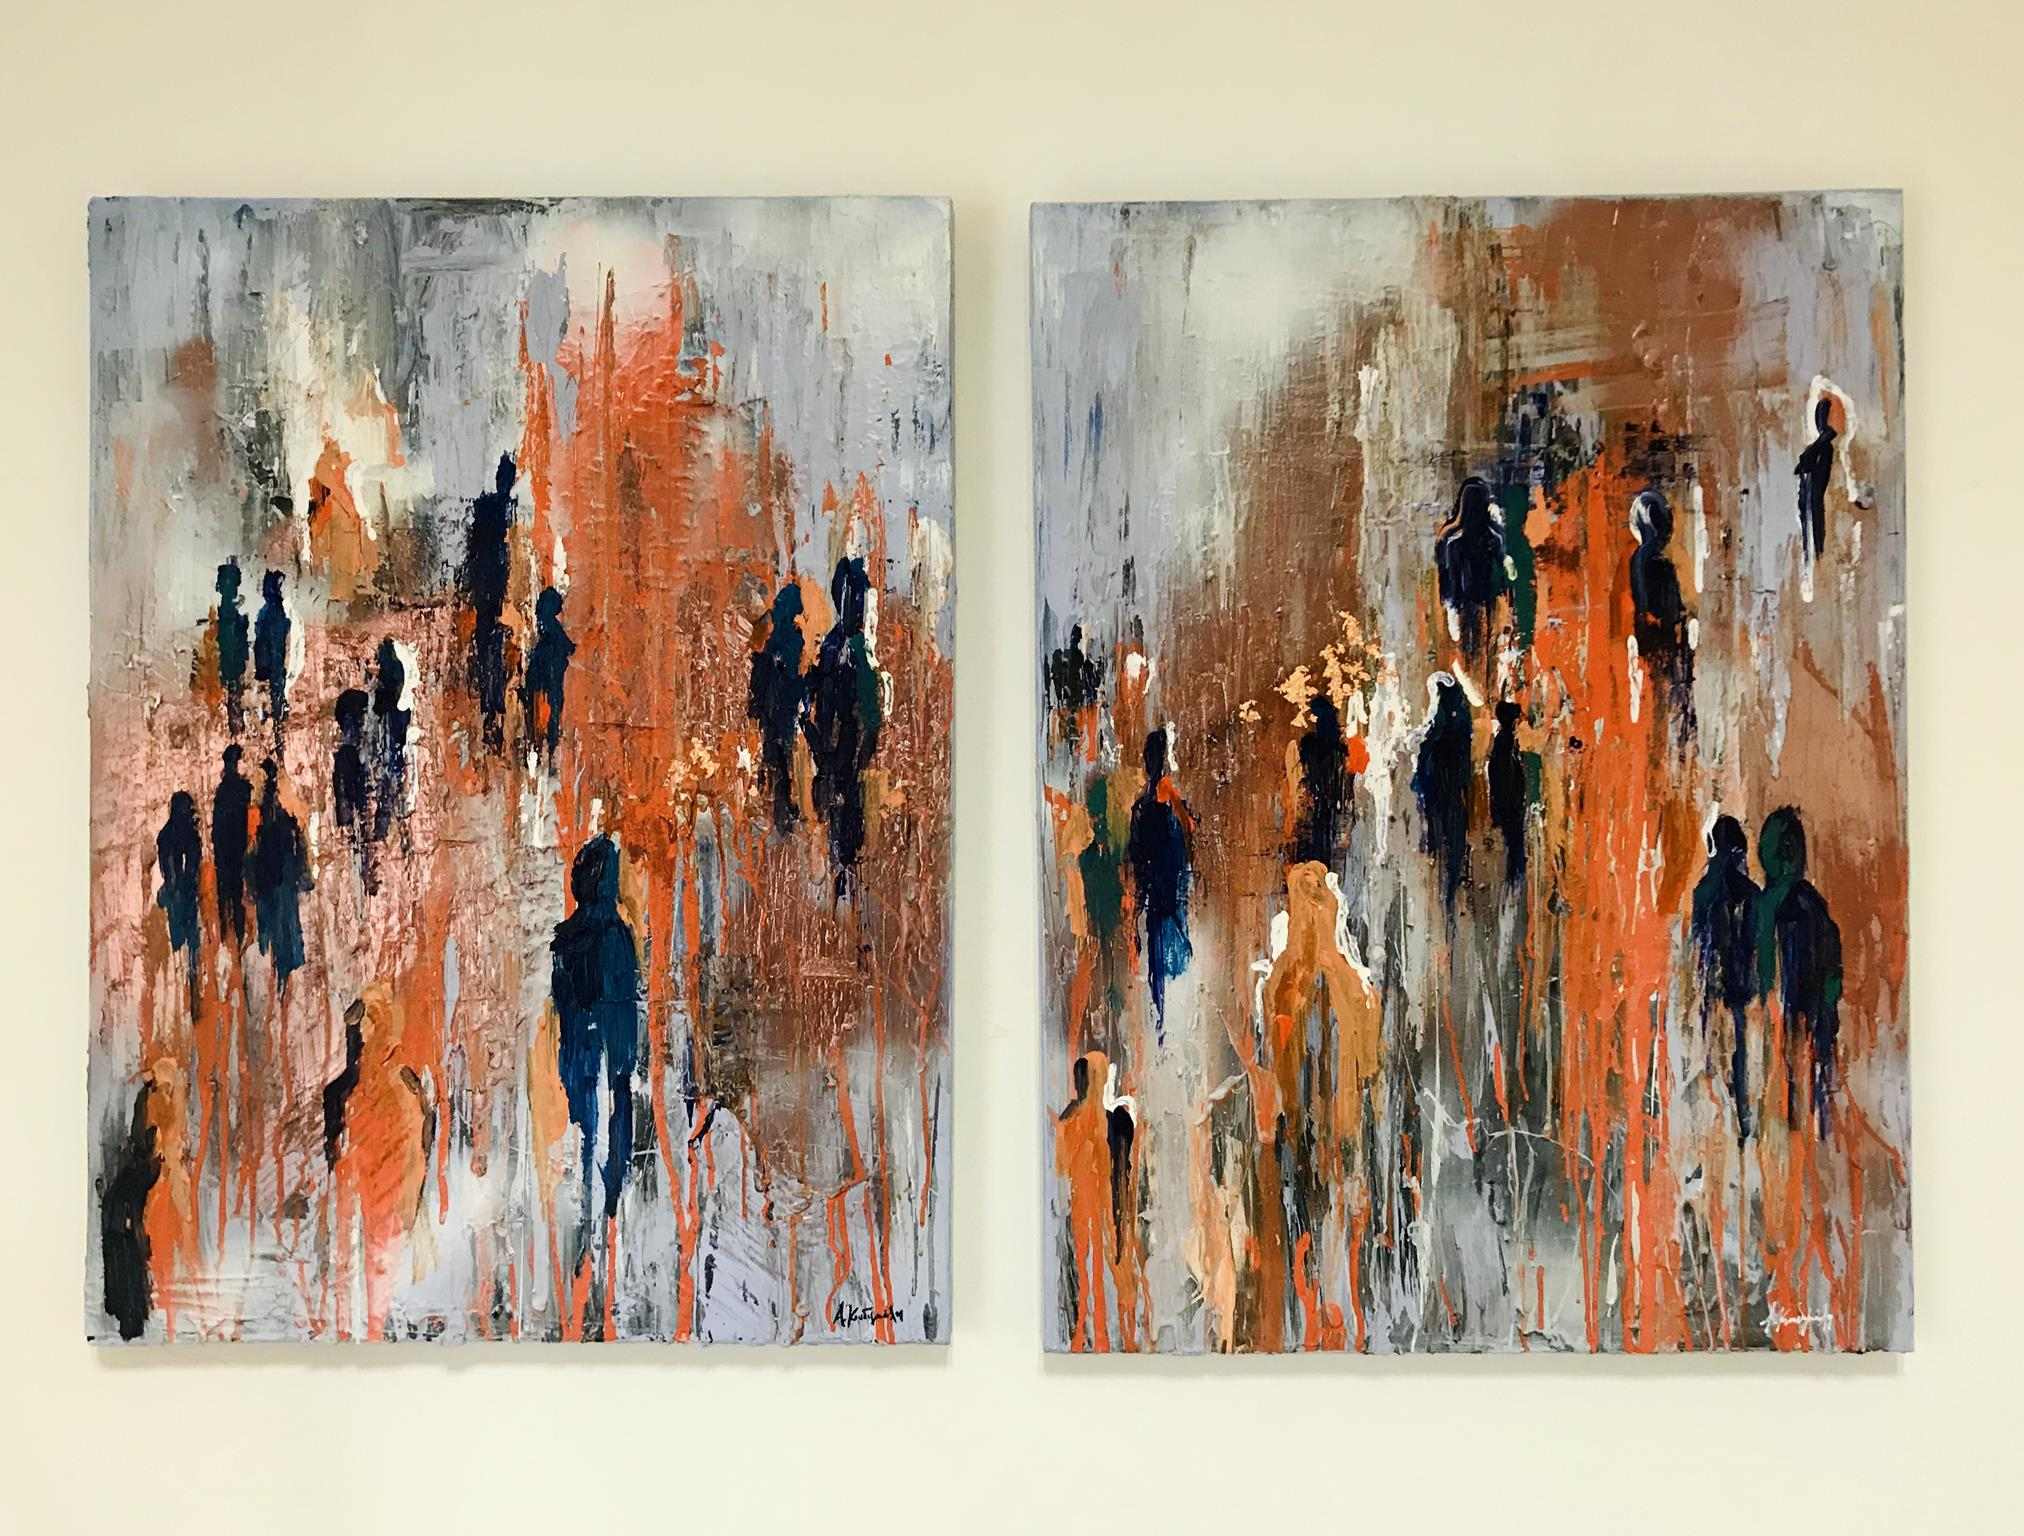 Αλεξία Κουδιγκέλη, Ample, Δίπτυχο, 80x60cm κάθε έργο, Ακρυλικά σε καμβά